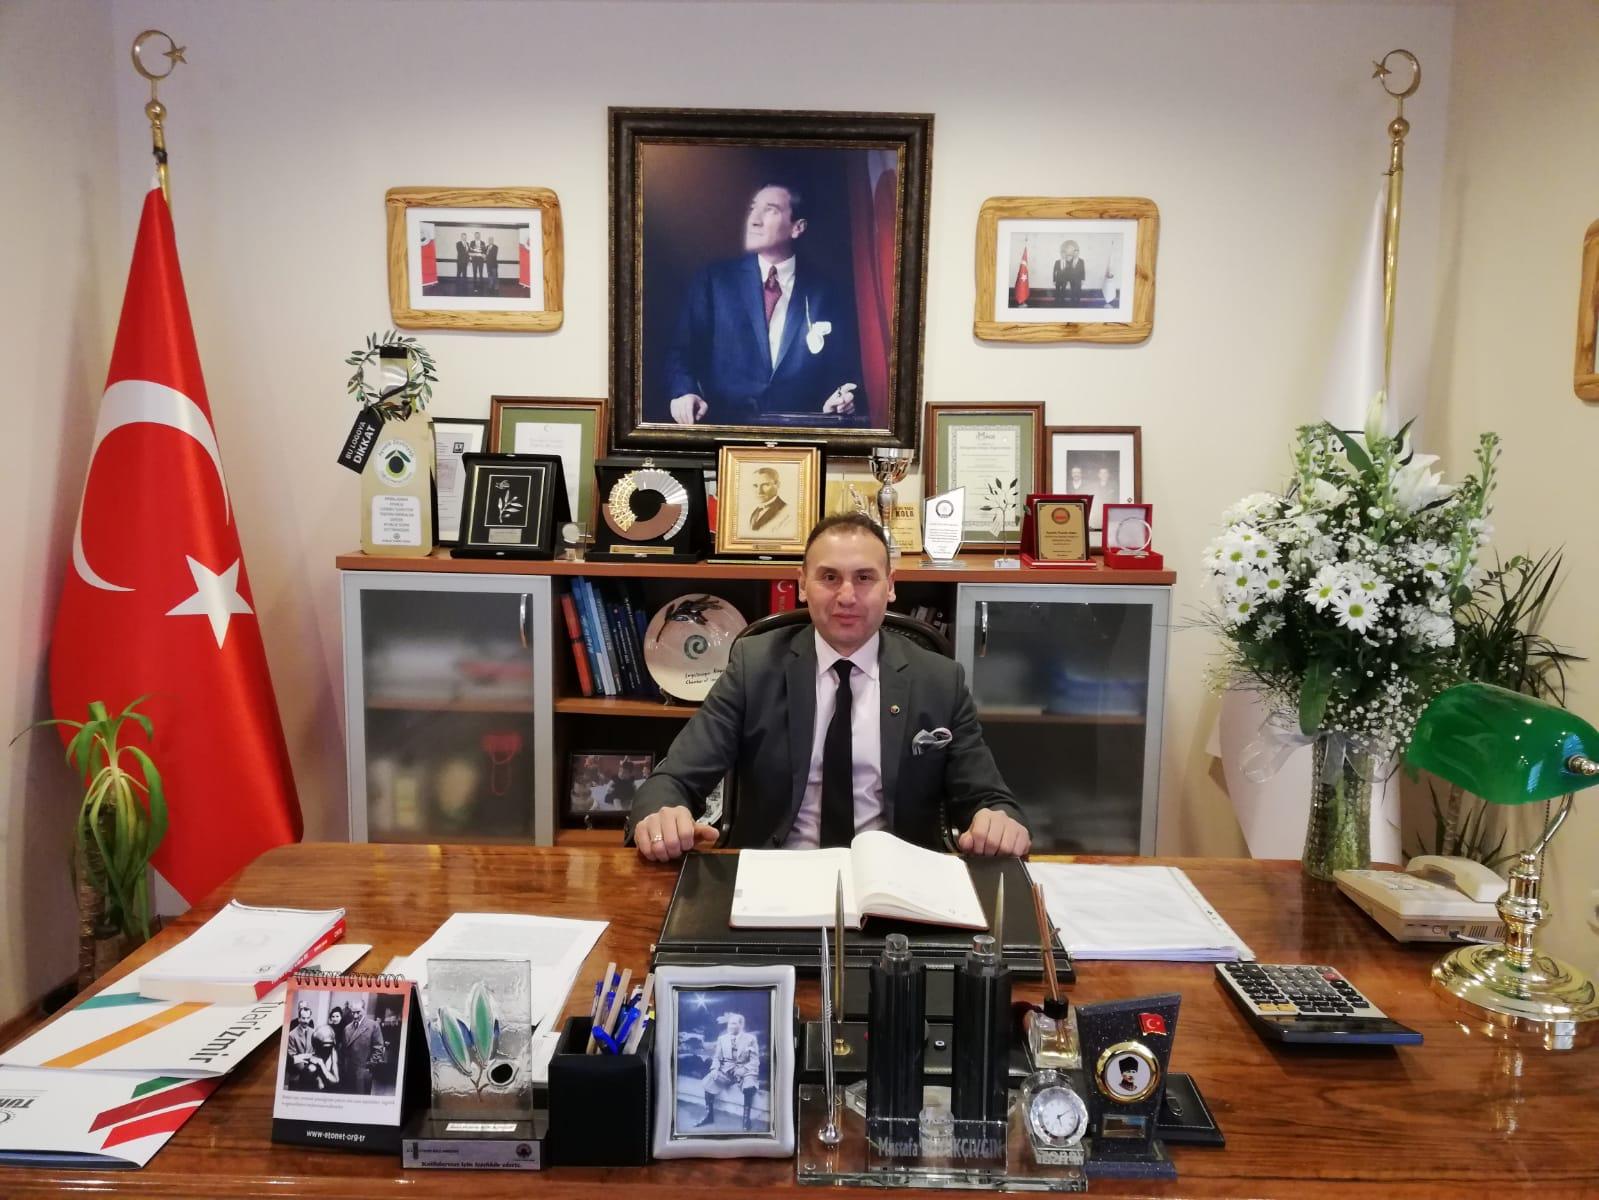 Yayın hayatına başlayan Burs Haber Medya'nın Ayvalık Burda Dergisi 2. sayısında Yönetim Kurulu Başkanımız Mustafa Büyükçıvgın'ın röportajı yer almaktadır. Detaylar için tıklayınız.